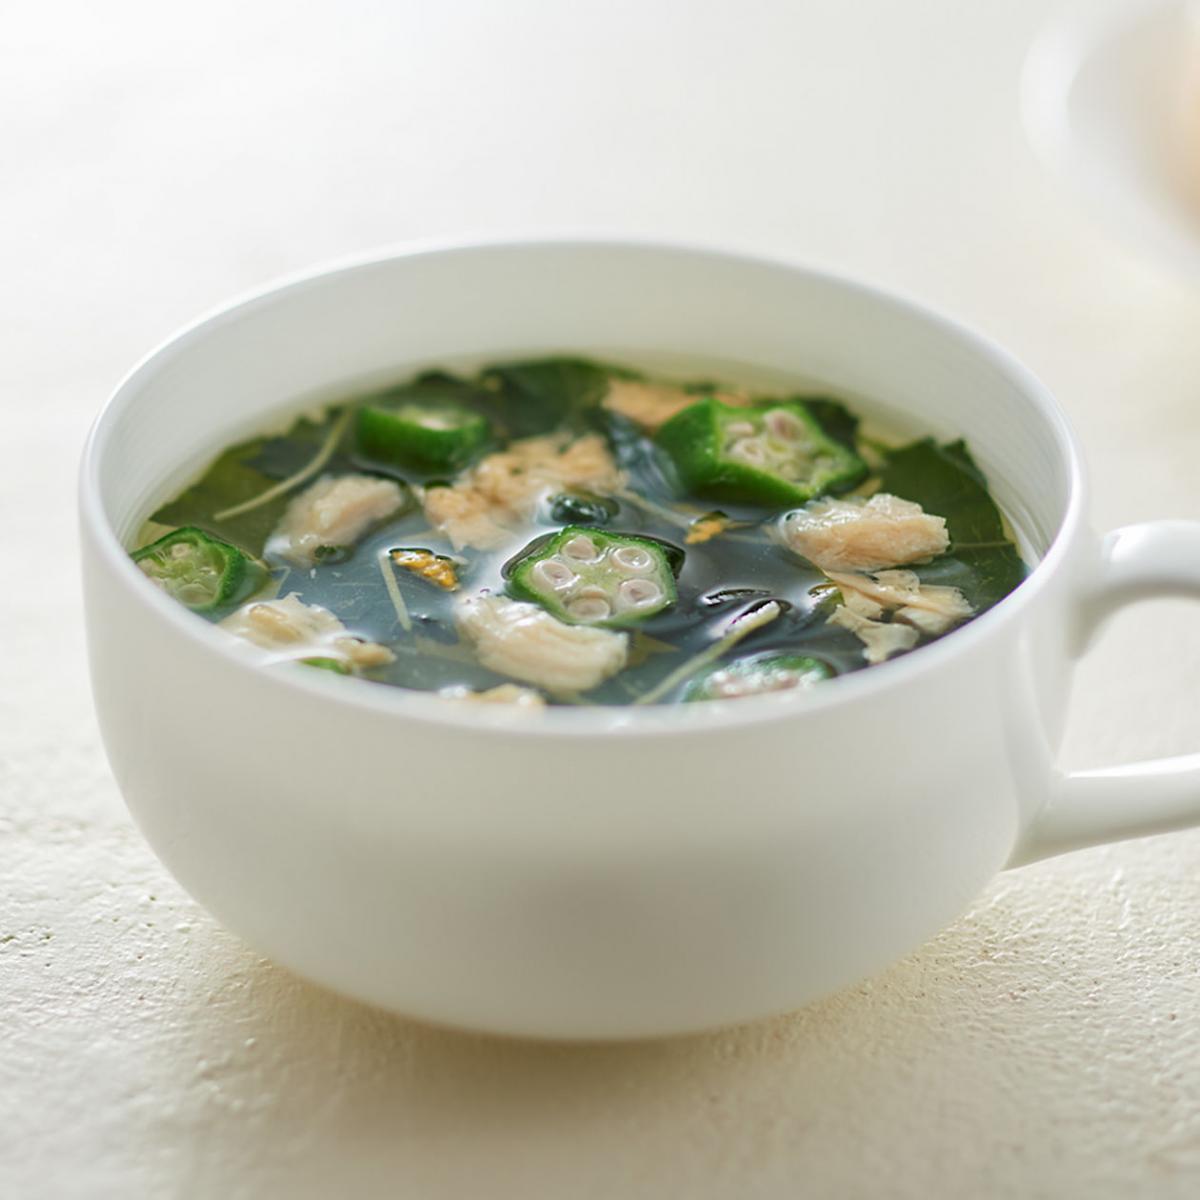 無印良品零食可減肥?日本超夯低脂「Muji瘦身餐」,百元就能輕鬆搞定-1